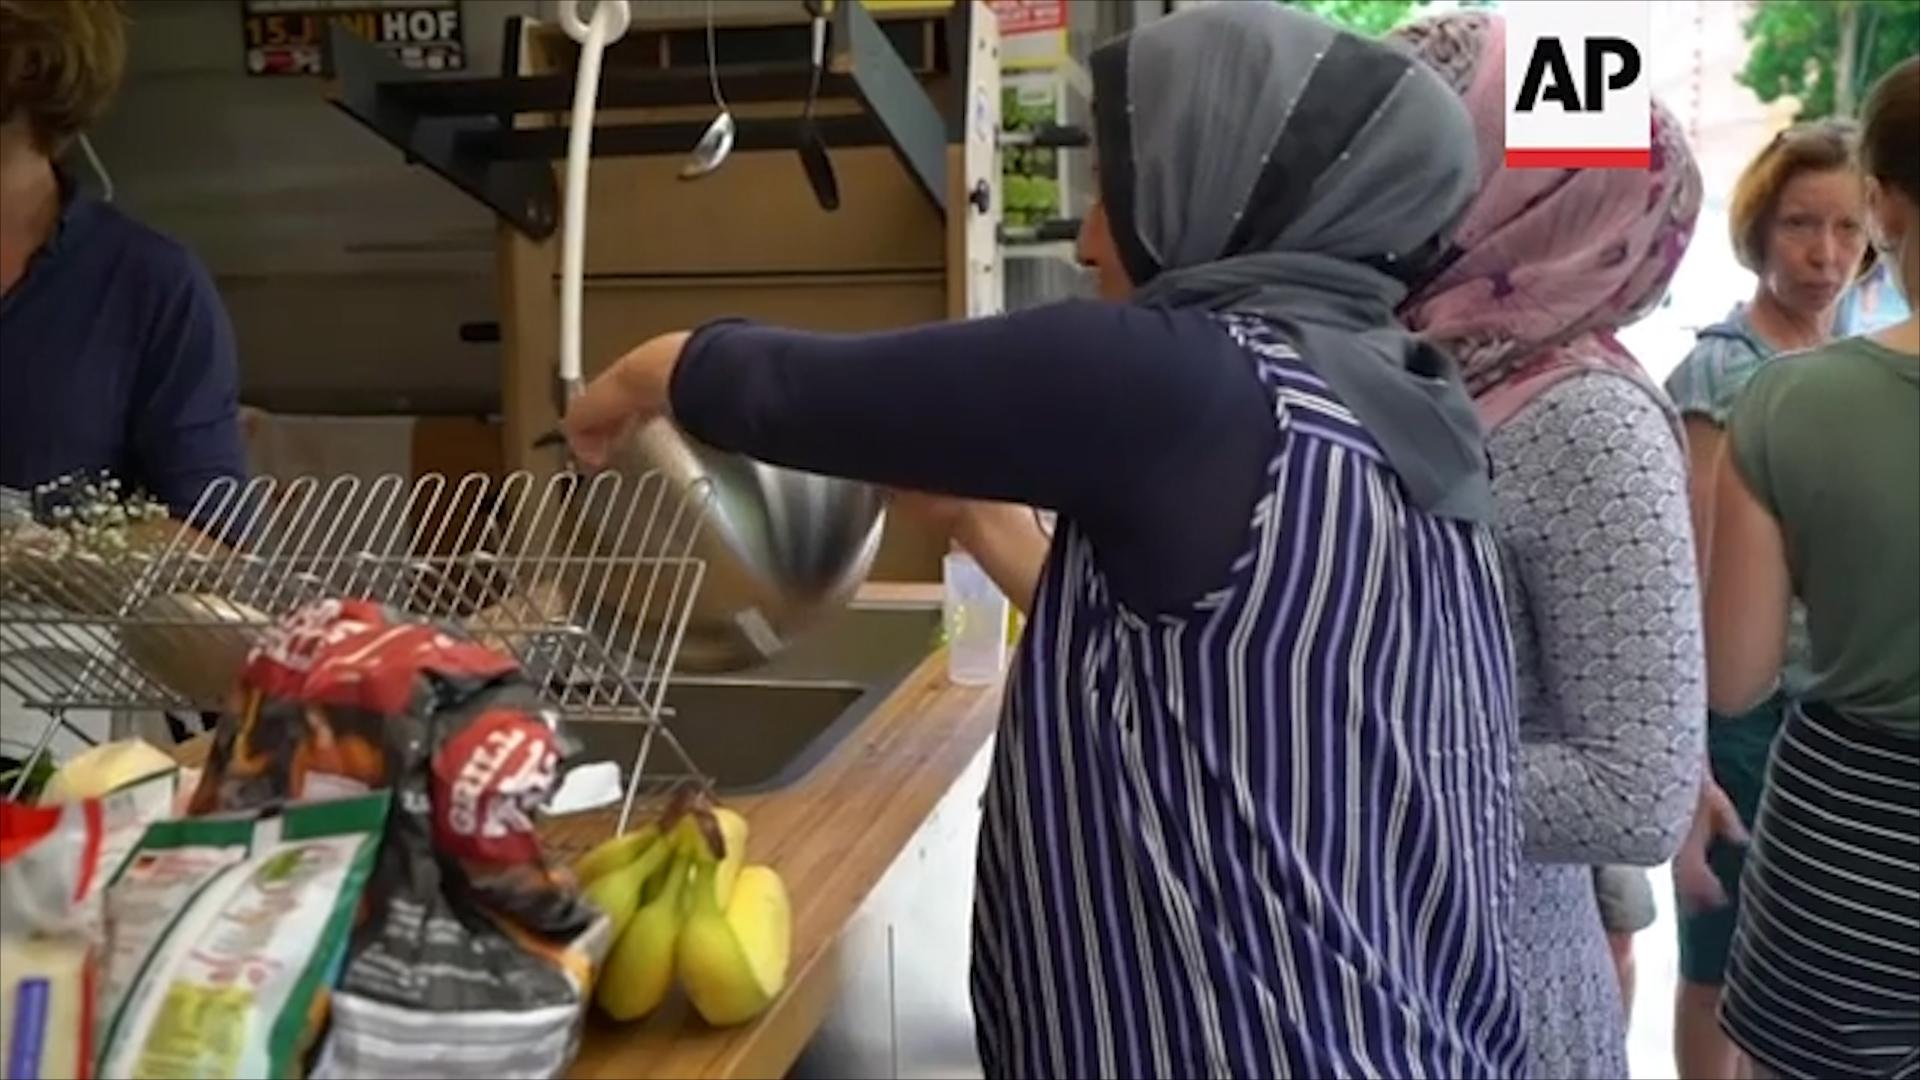 Những người tham gia phục vụ tại Bếp ăn di động thường là những người tị nạn, hay những người đang tìm cách xin được nhập cư hợp pháp tại Đức, và cả những người dân địa phương.